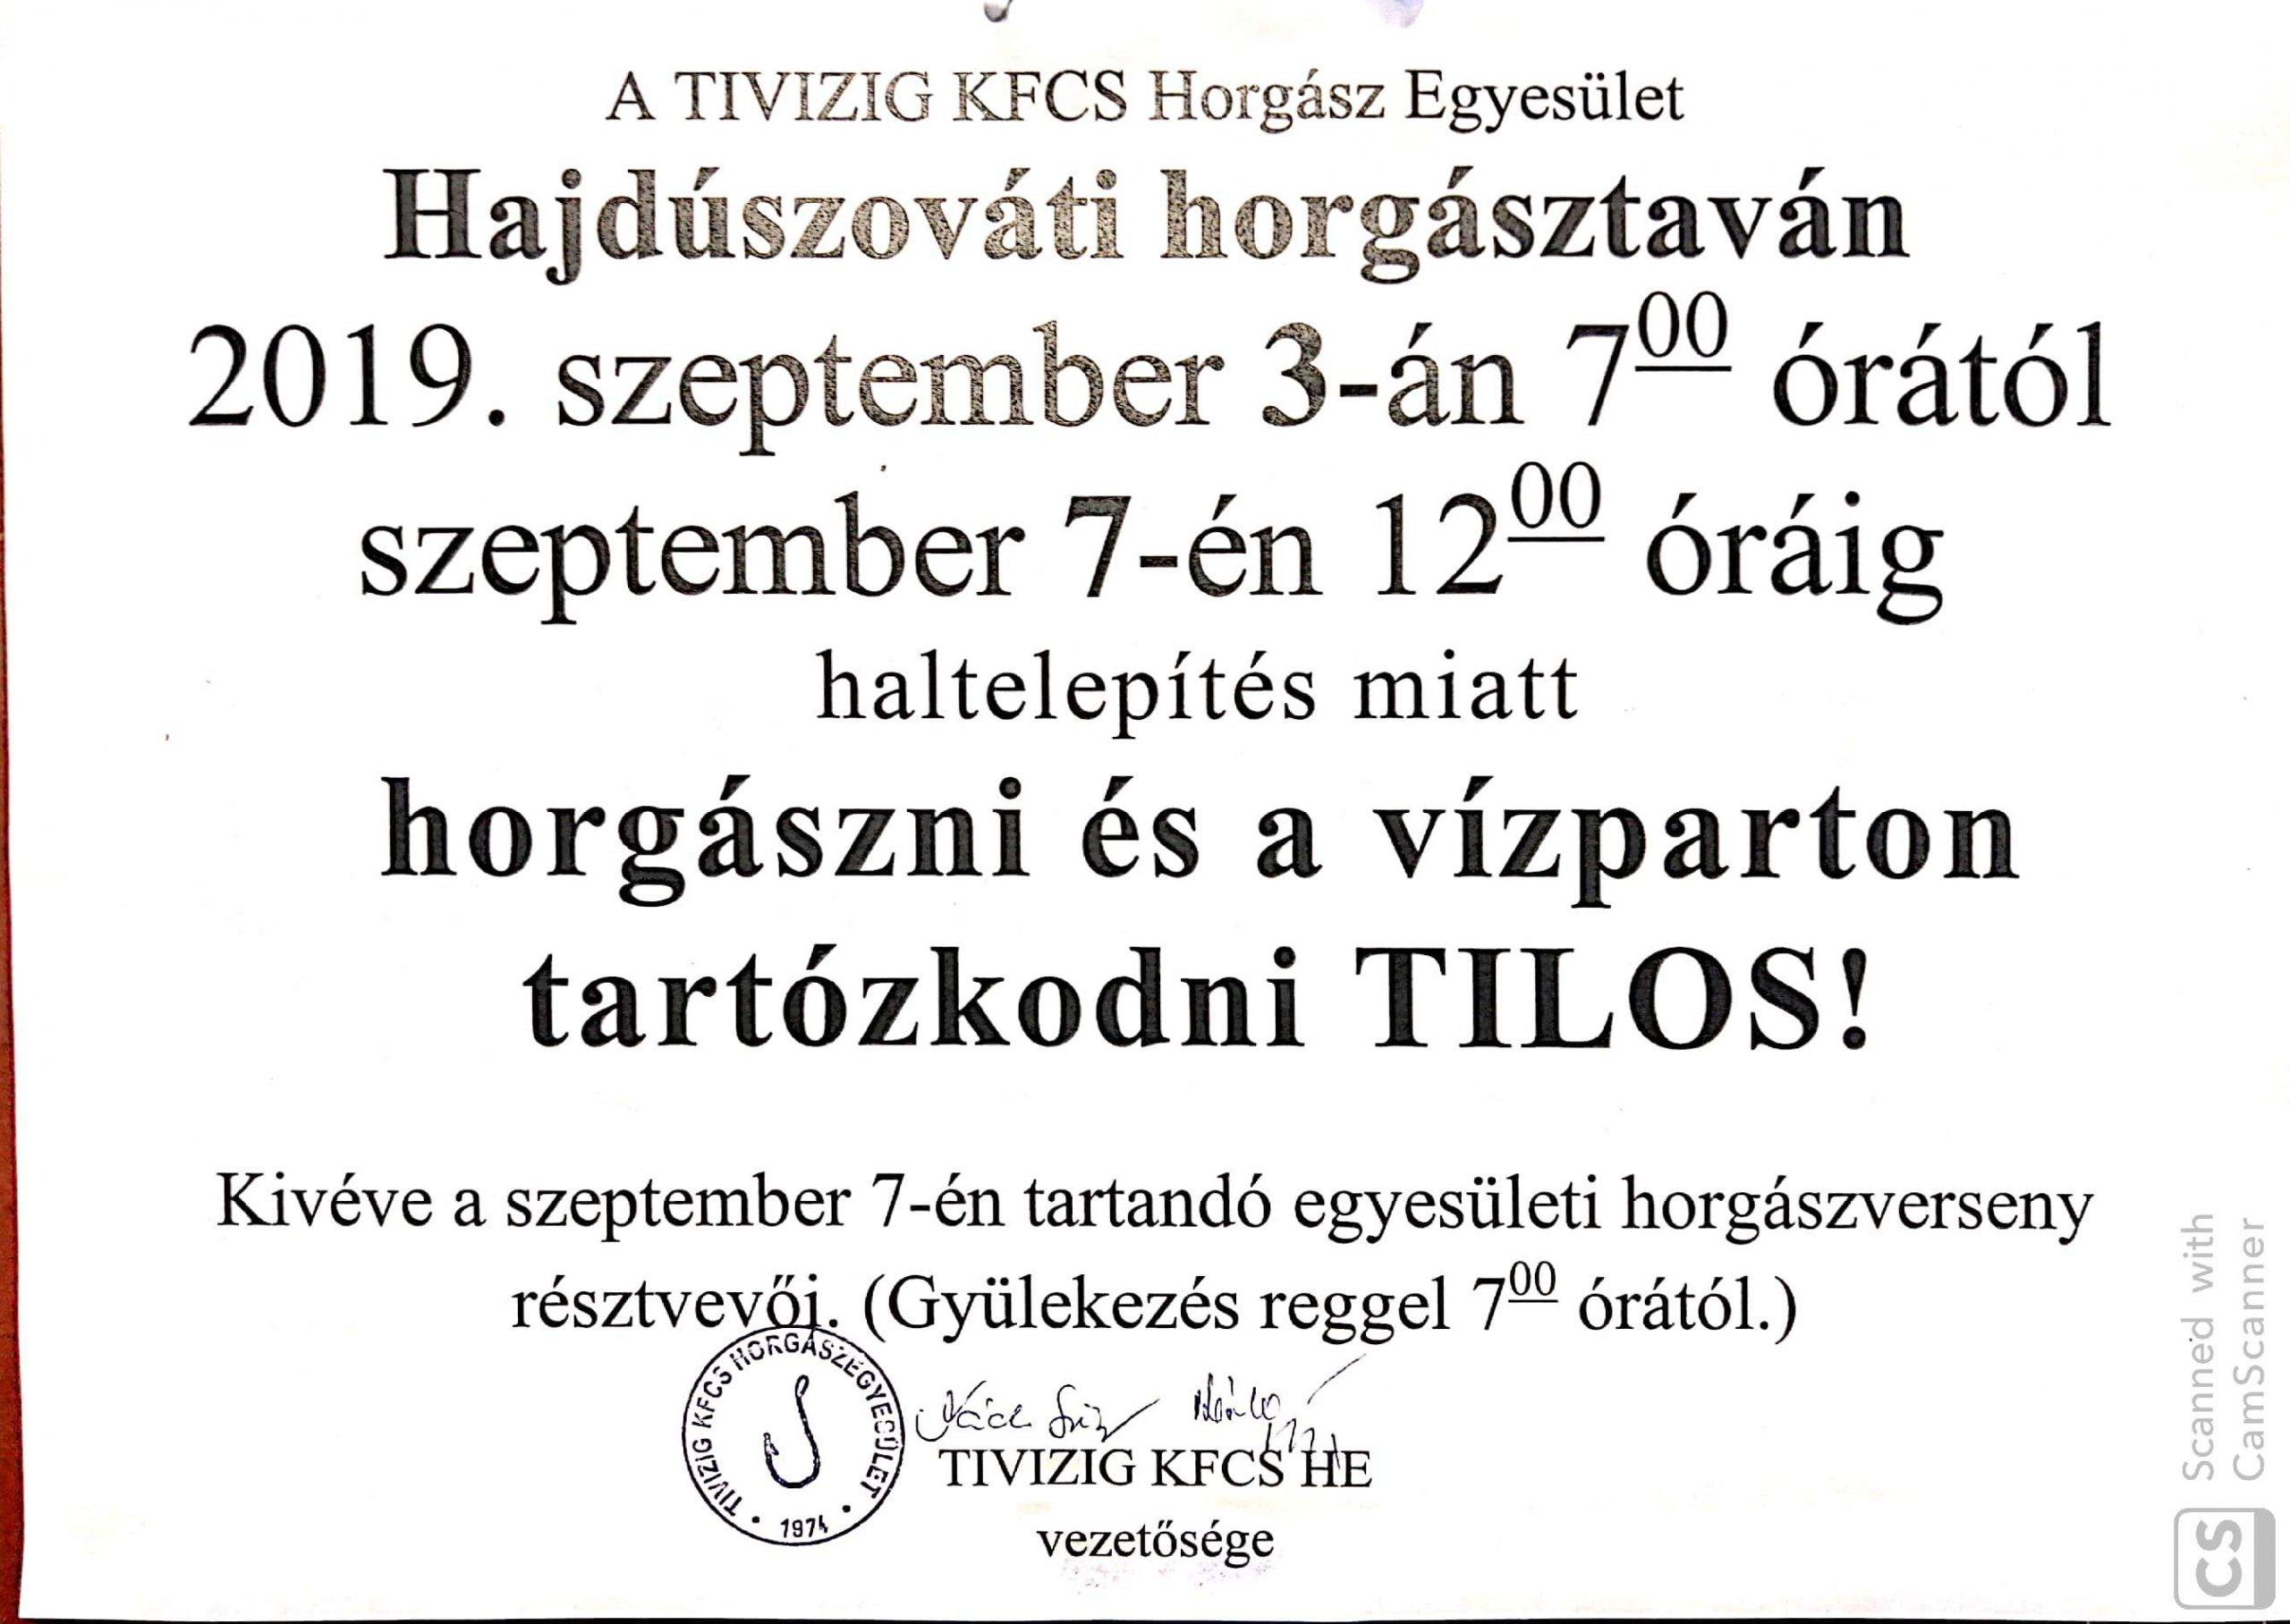 TIVIZIG KFCS HE telepítése a Szováti víztározóba